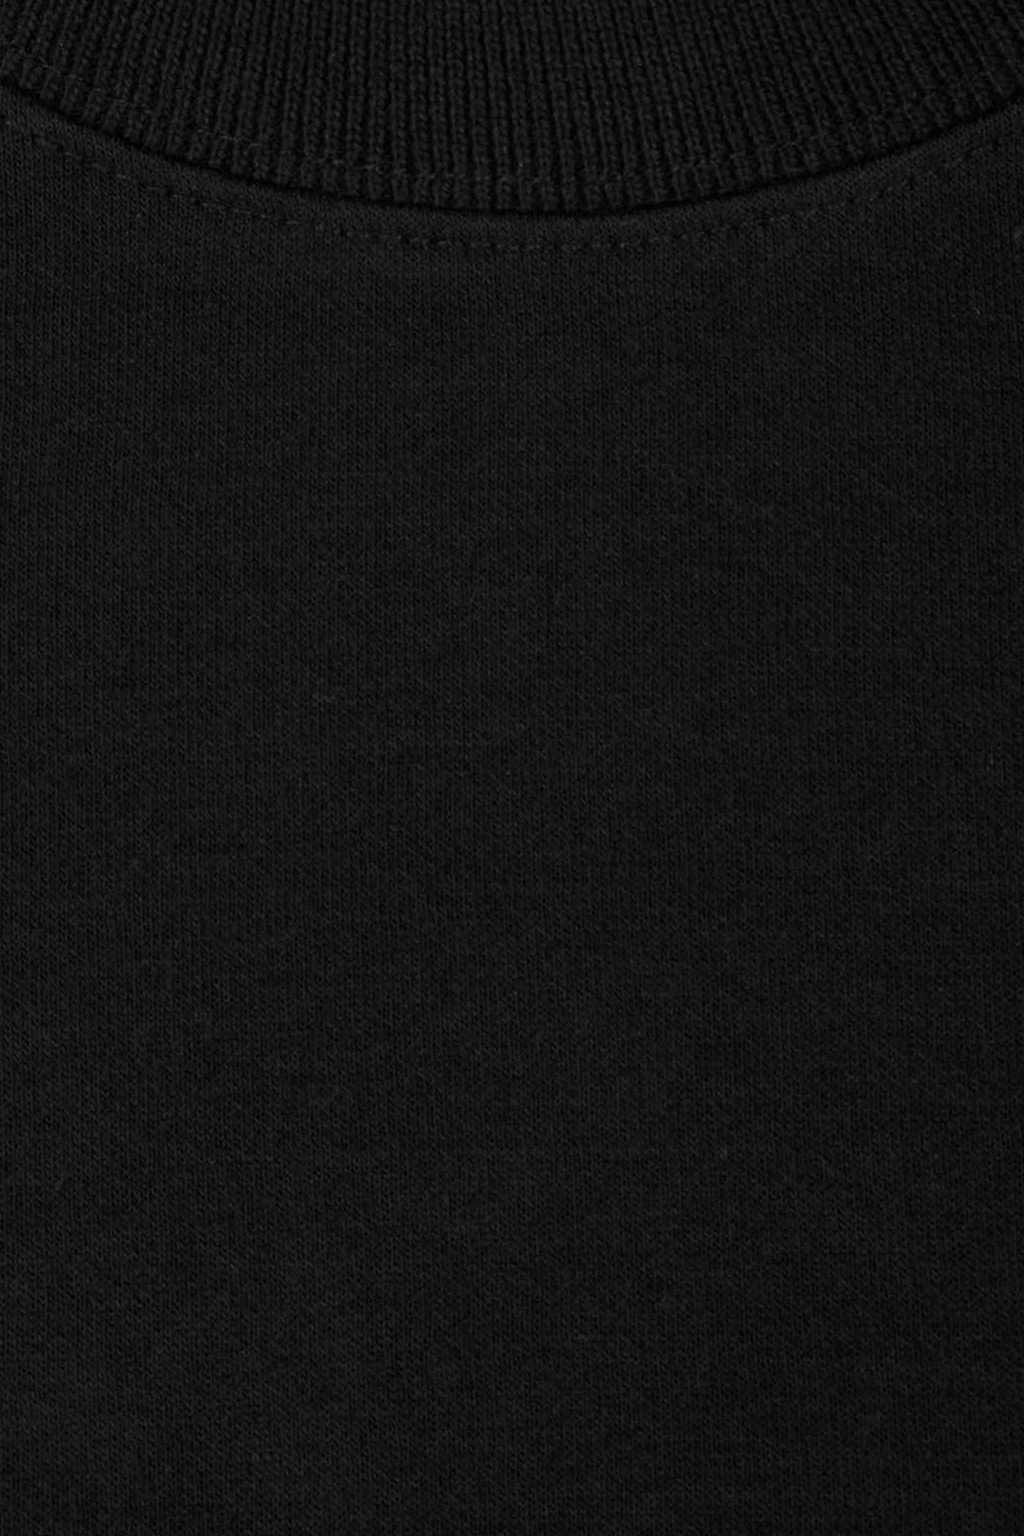 TShirt 1369 Black 6